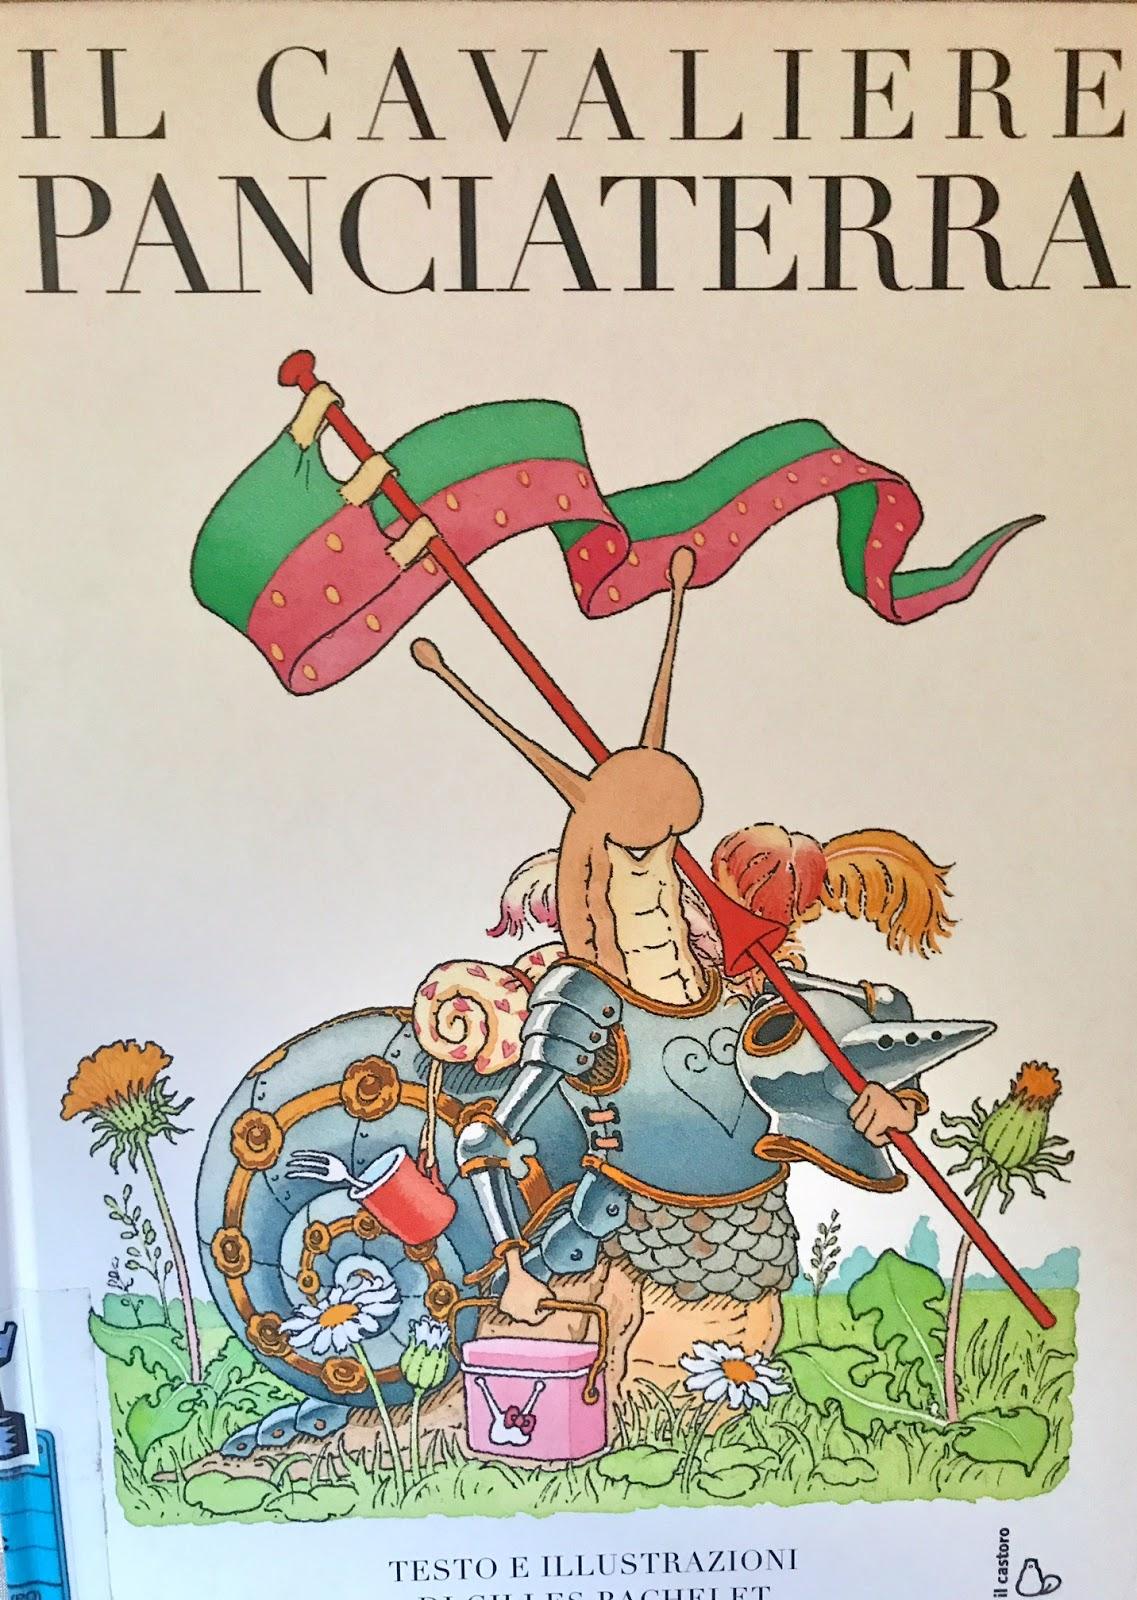 Il cavaliere panciaterra kevitafarelamamma - Mike le pagine da colorare cavaliere ...